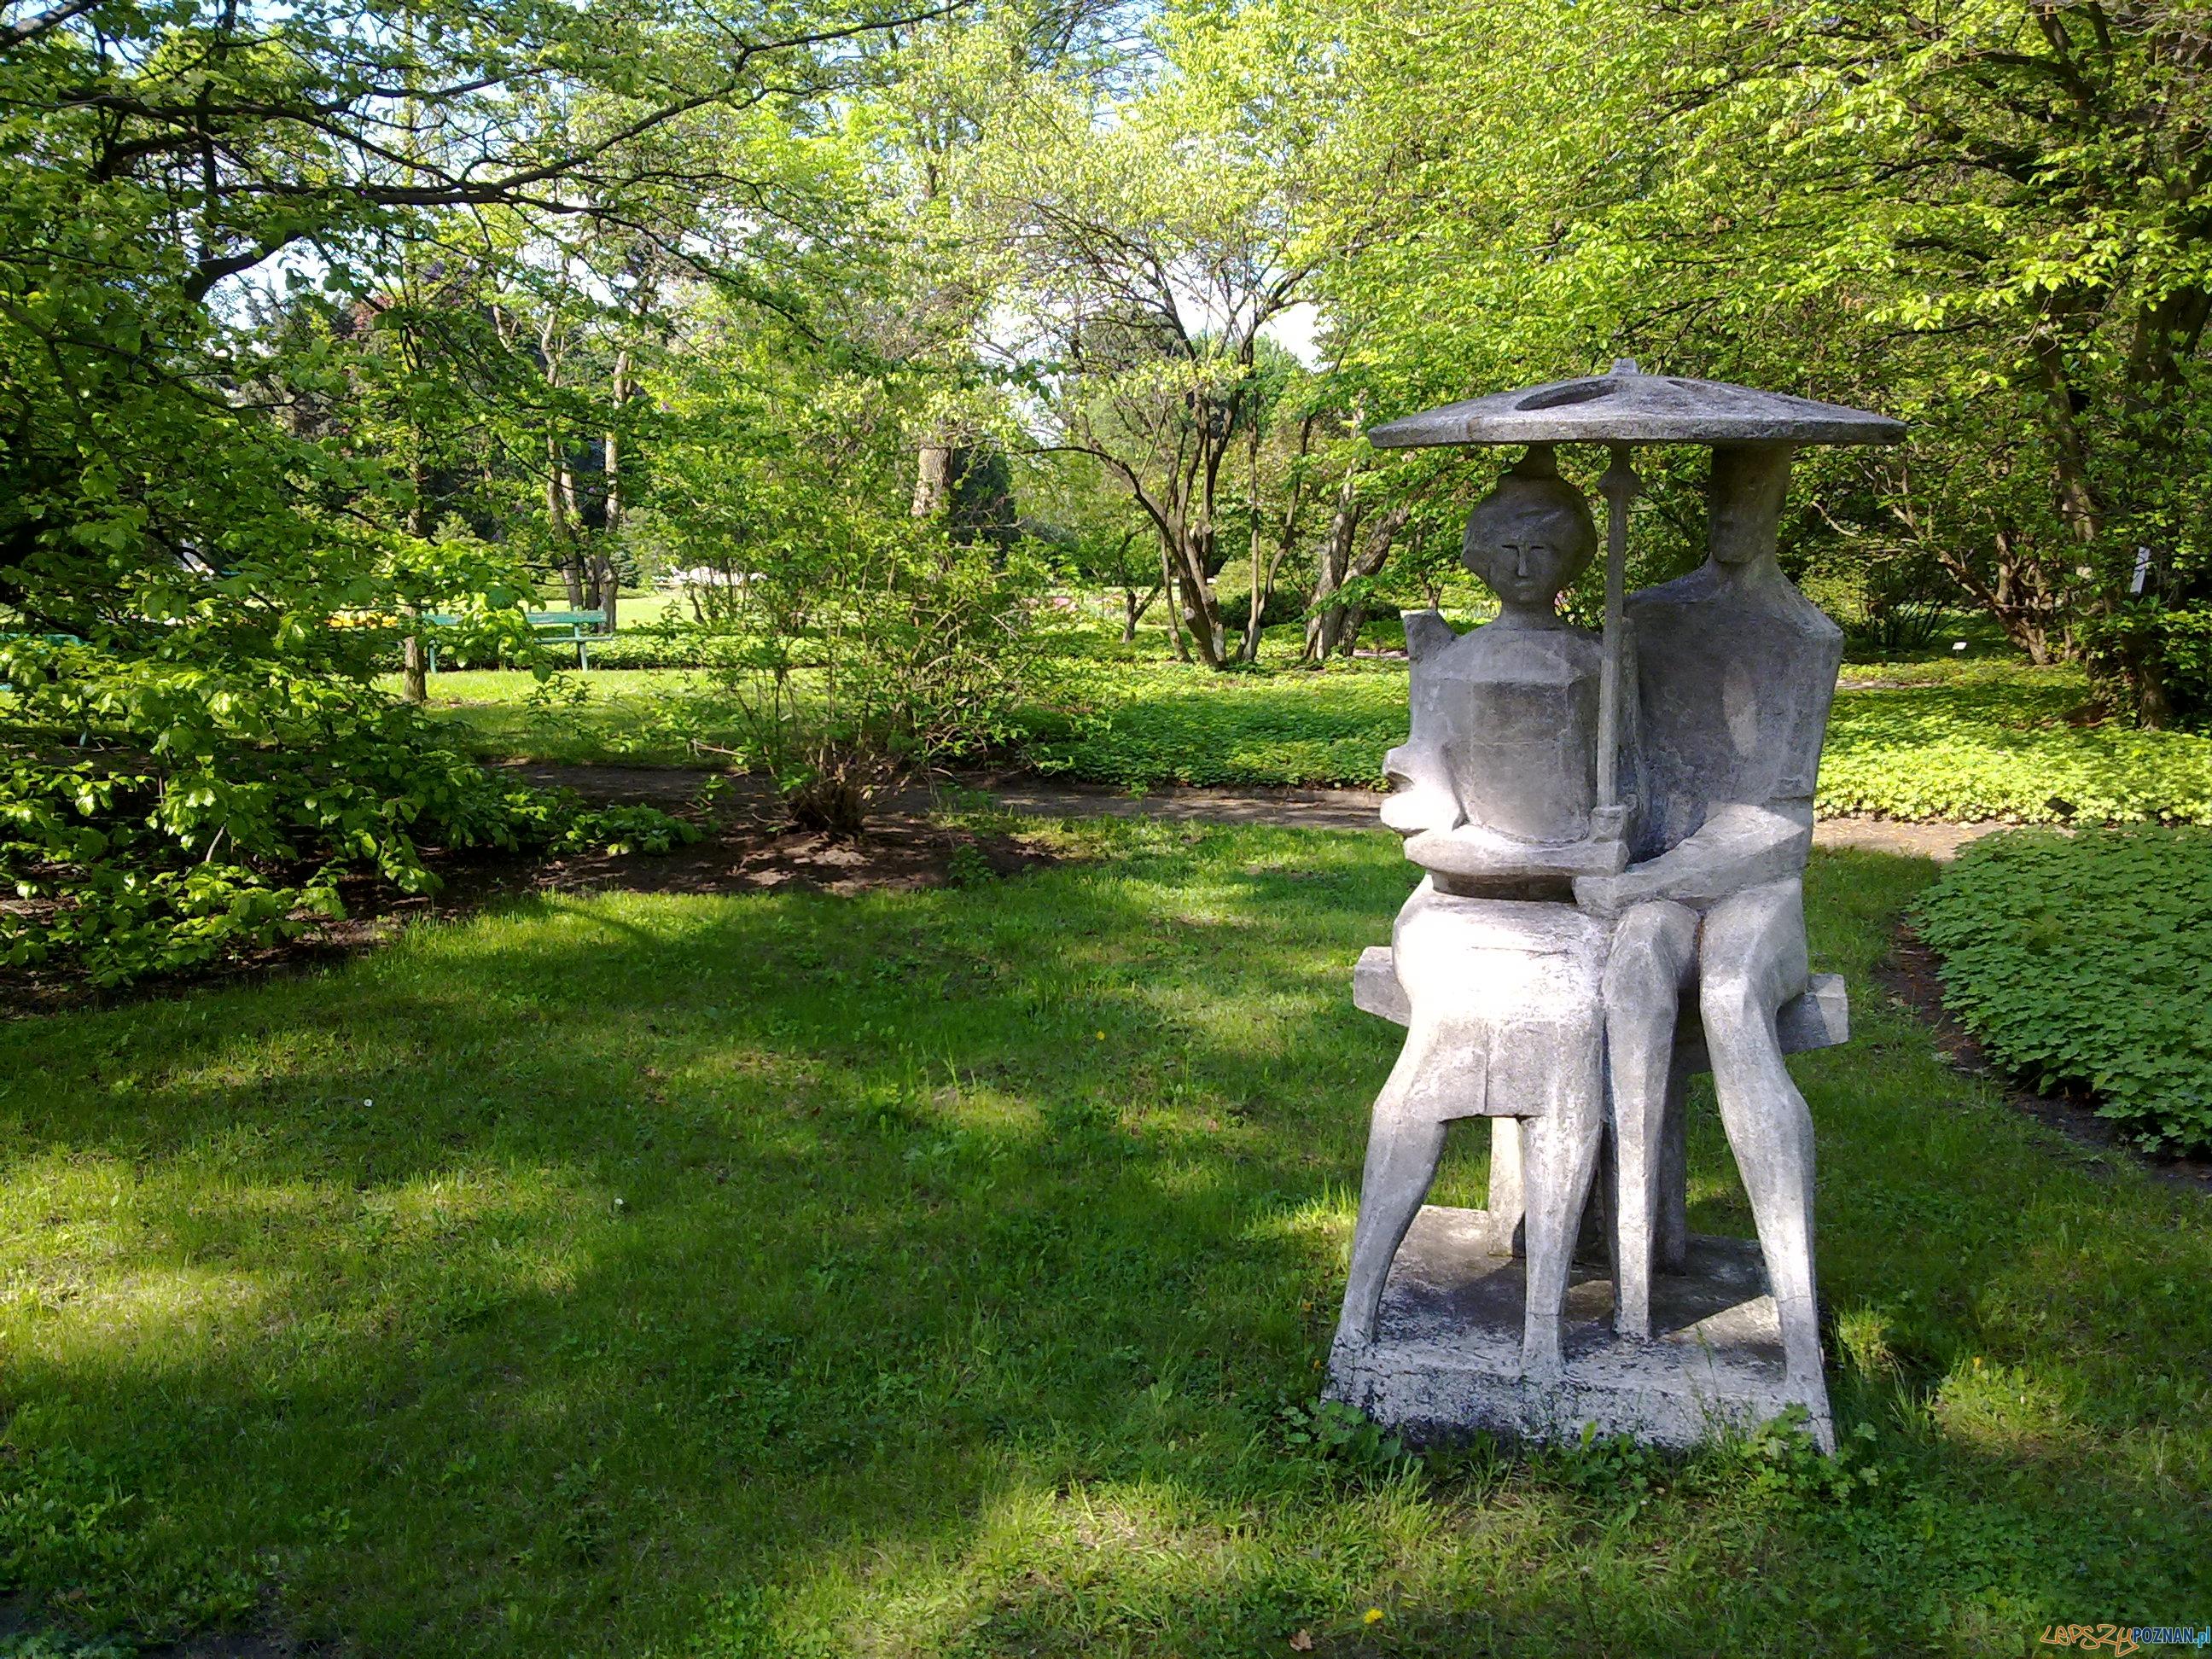 Ogród Botaniczny UAM, rzeźba w parku  Foto: Tomasz Dworek